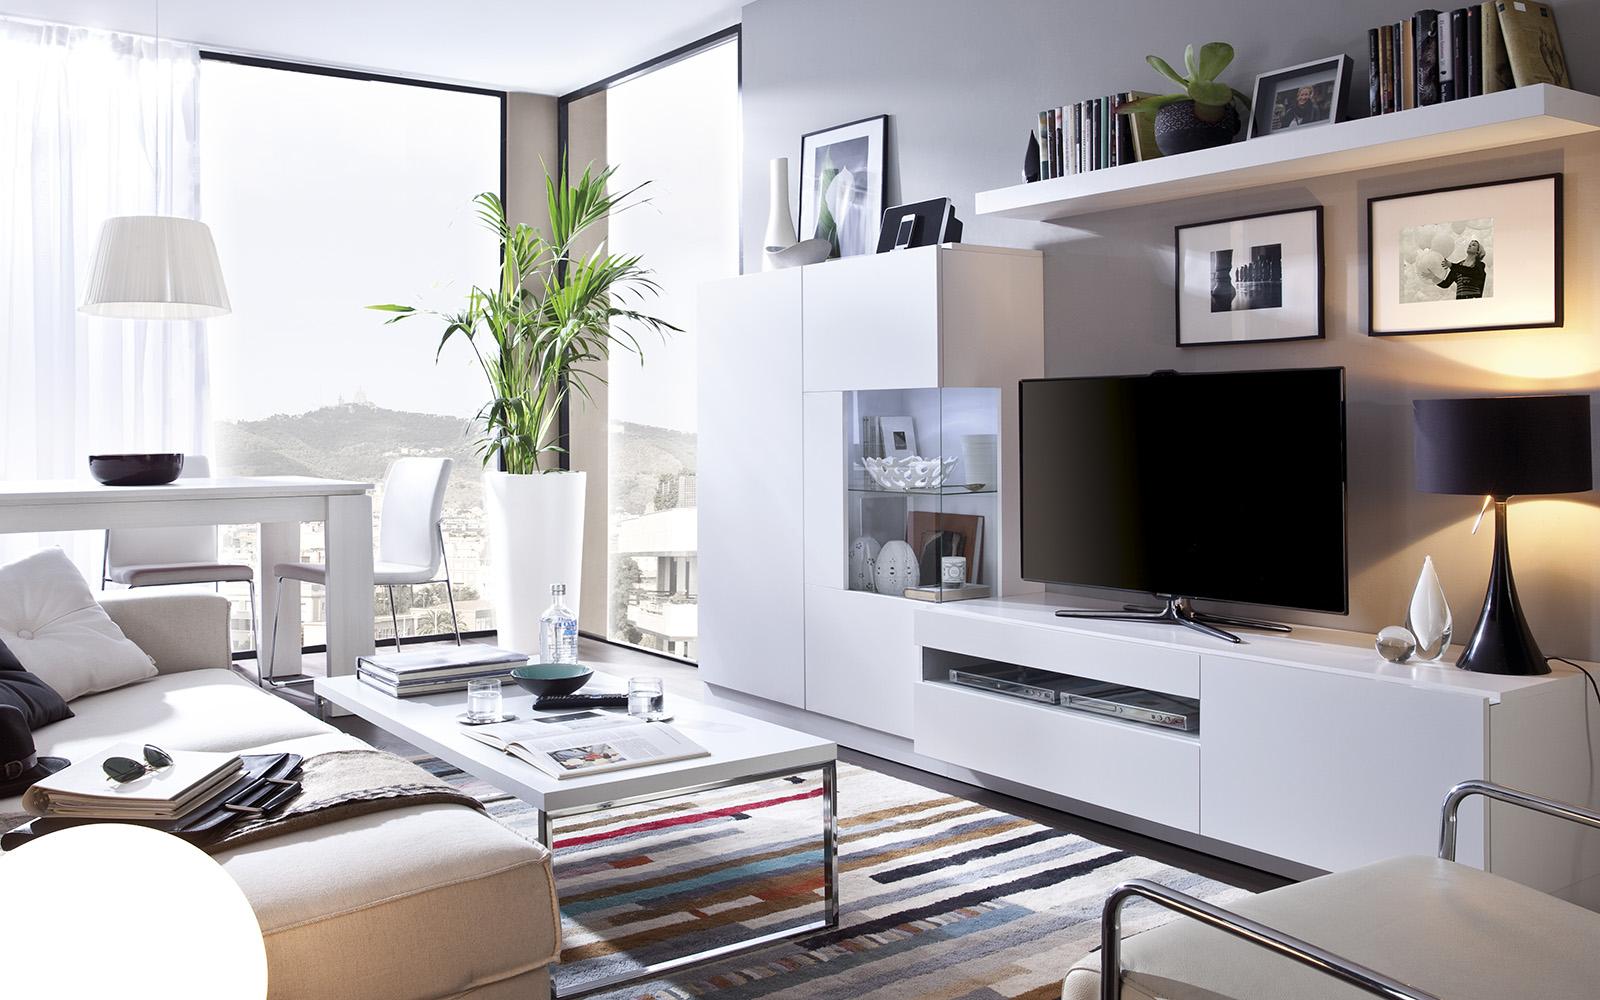 Tatat muebles a medida y m s expertos en mueble juvenil - Salon comedor minimalista ...